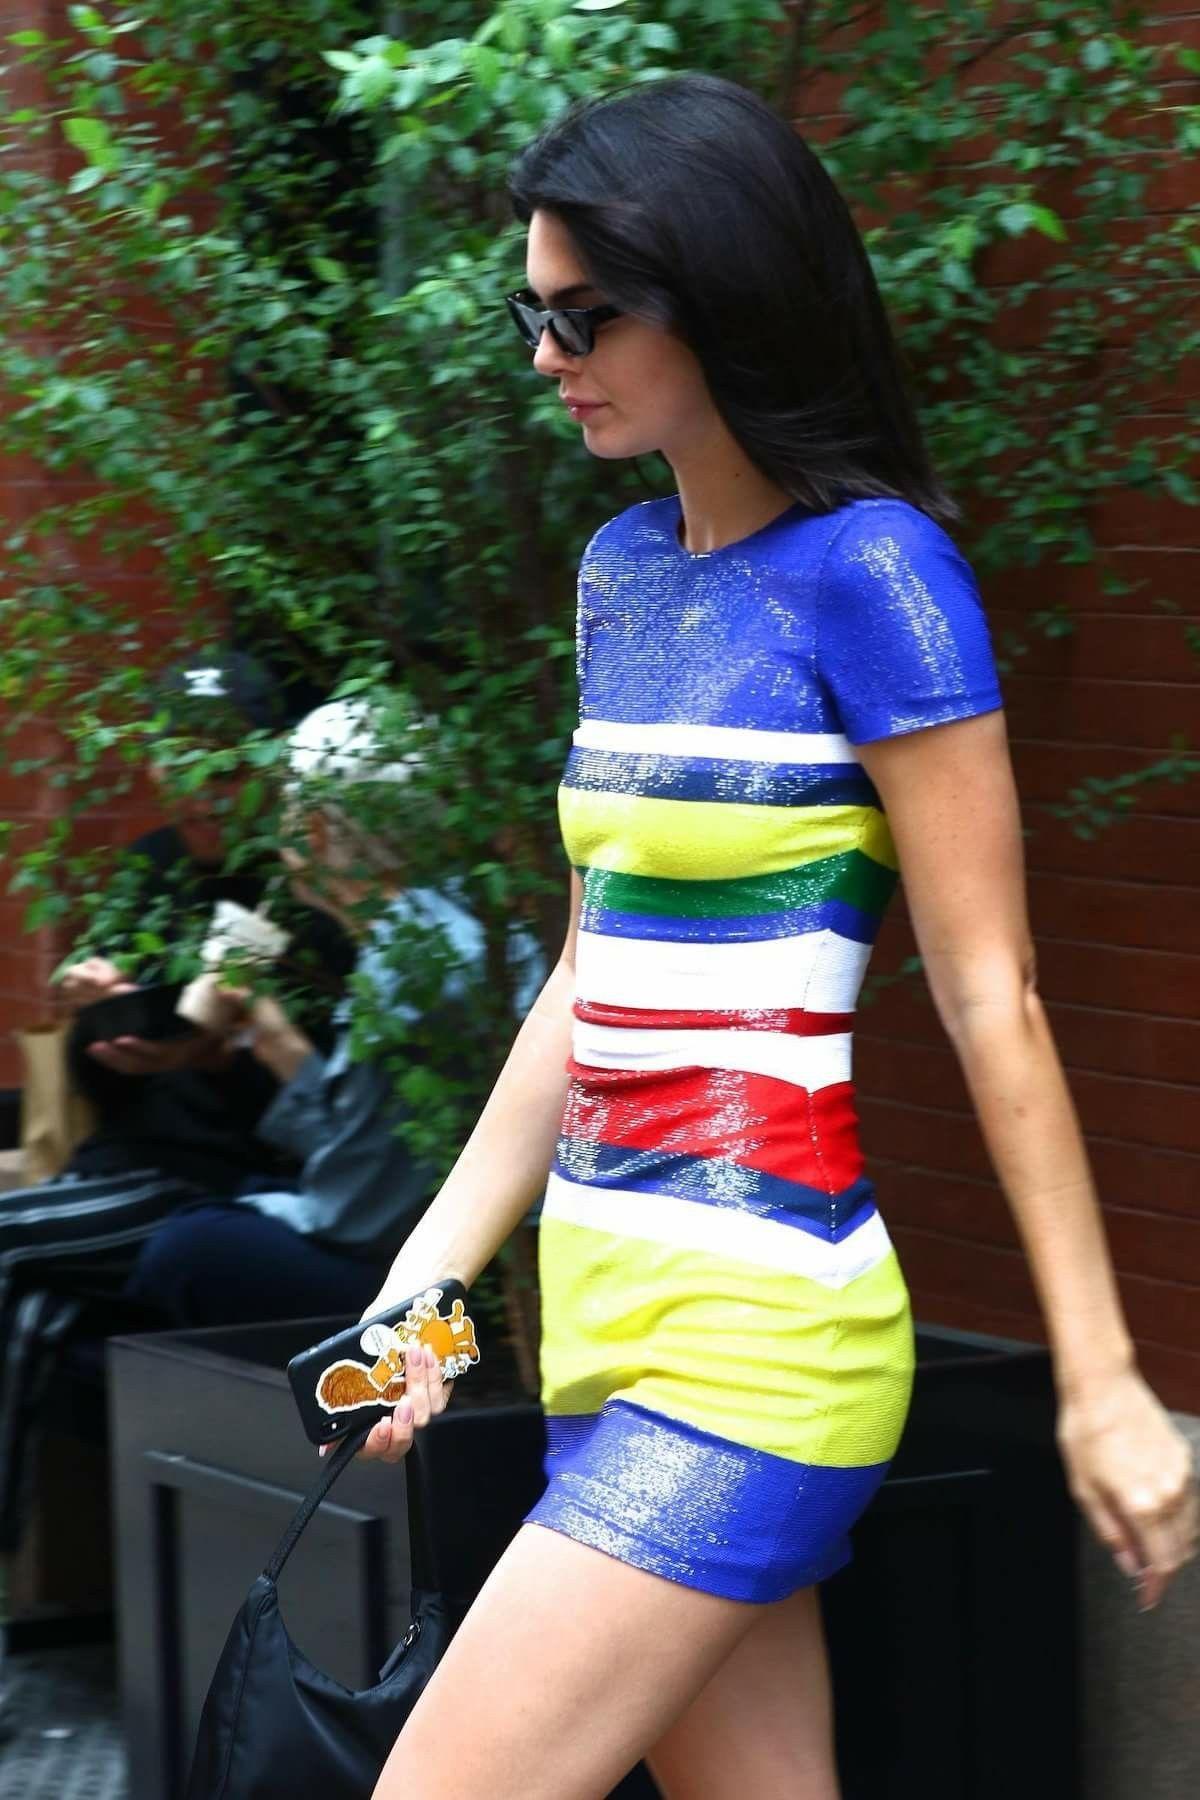 60d09730b5f9 Épinglé par Kate poppe sur Kendall Jenner   Pinterest